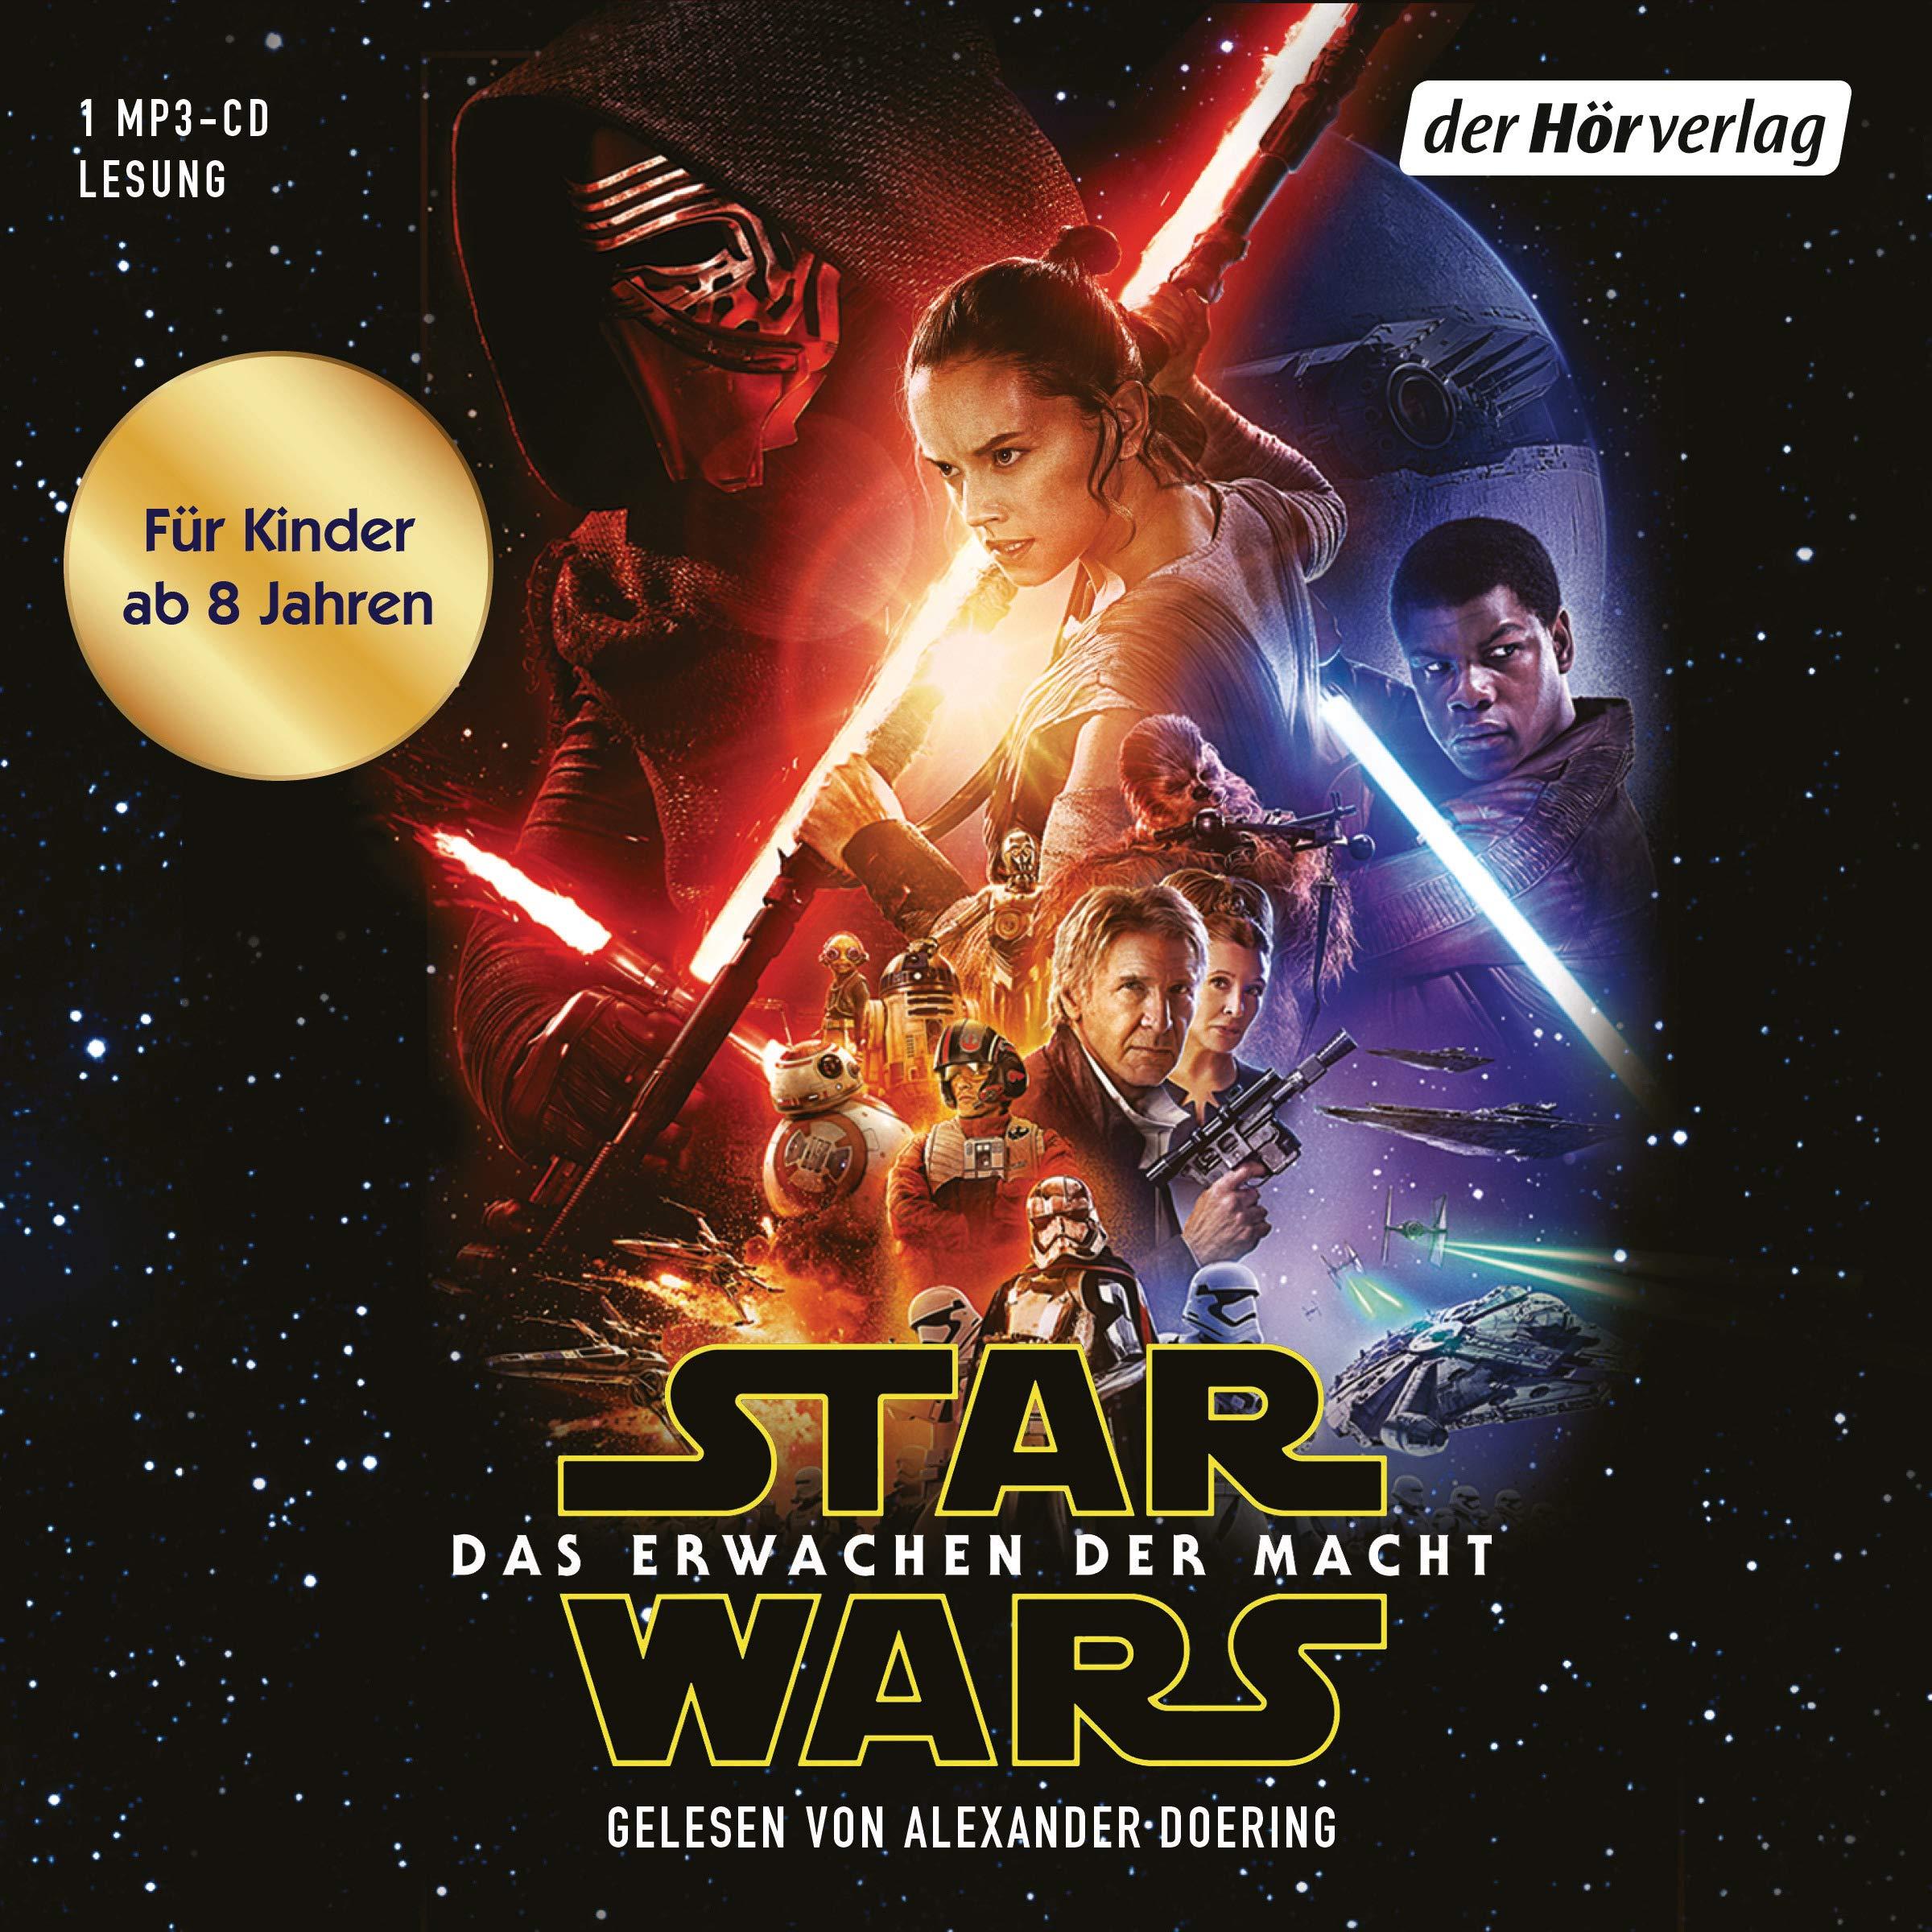 Star Wars: Das Erwachen der Macht: (Episode VII) Hörkassette – Gekürzte Ausgabe, Audiobook, MP3 Audio Michael Kogge Alexander Doering Andreas Kasprzak der Hörverlag